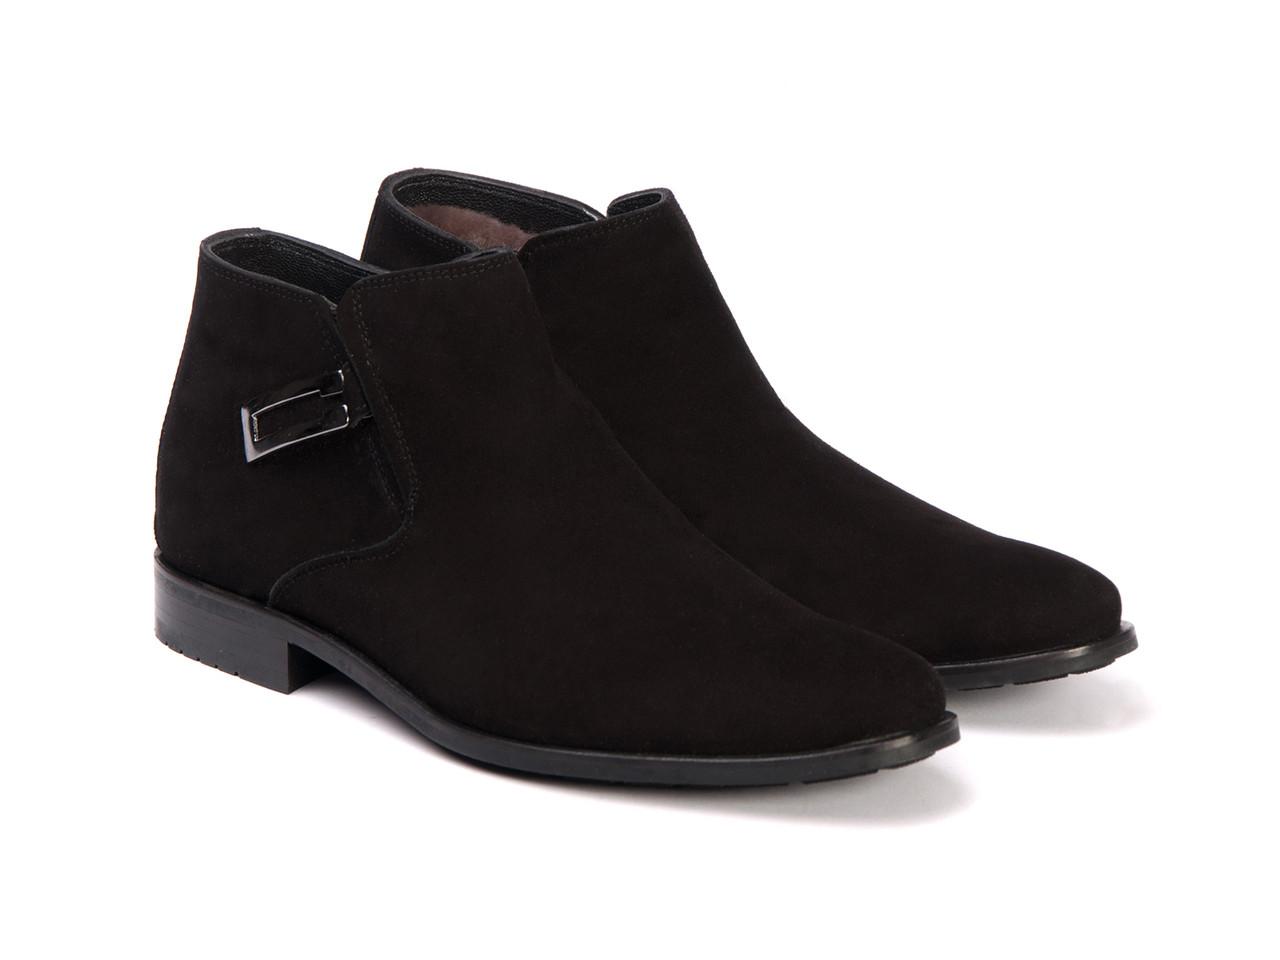 Ботинки Etor 10422-5377 черные, фото 1